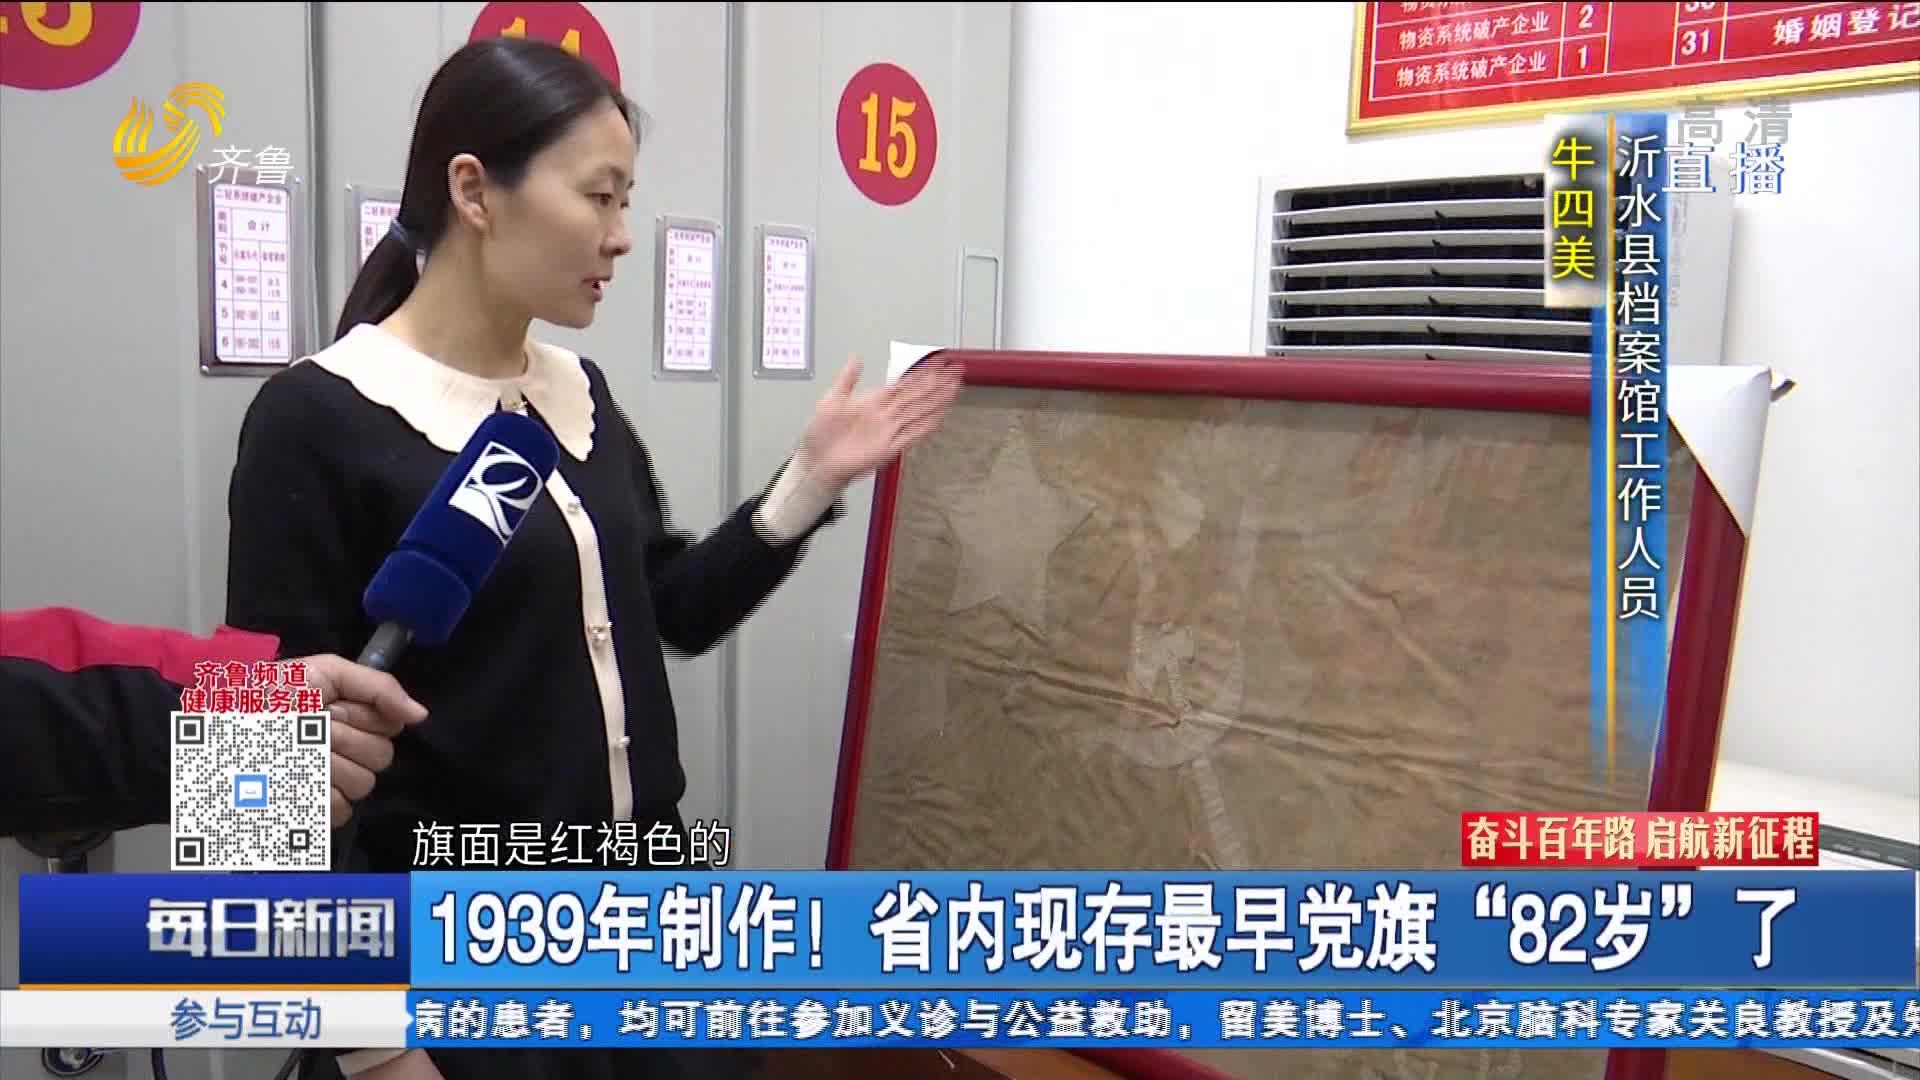 """1939年制作!省内现存最早党旗""""82岁""""了"""